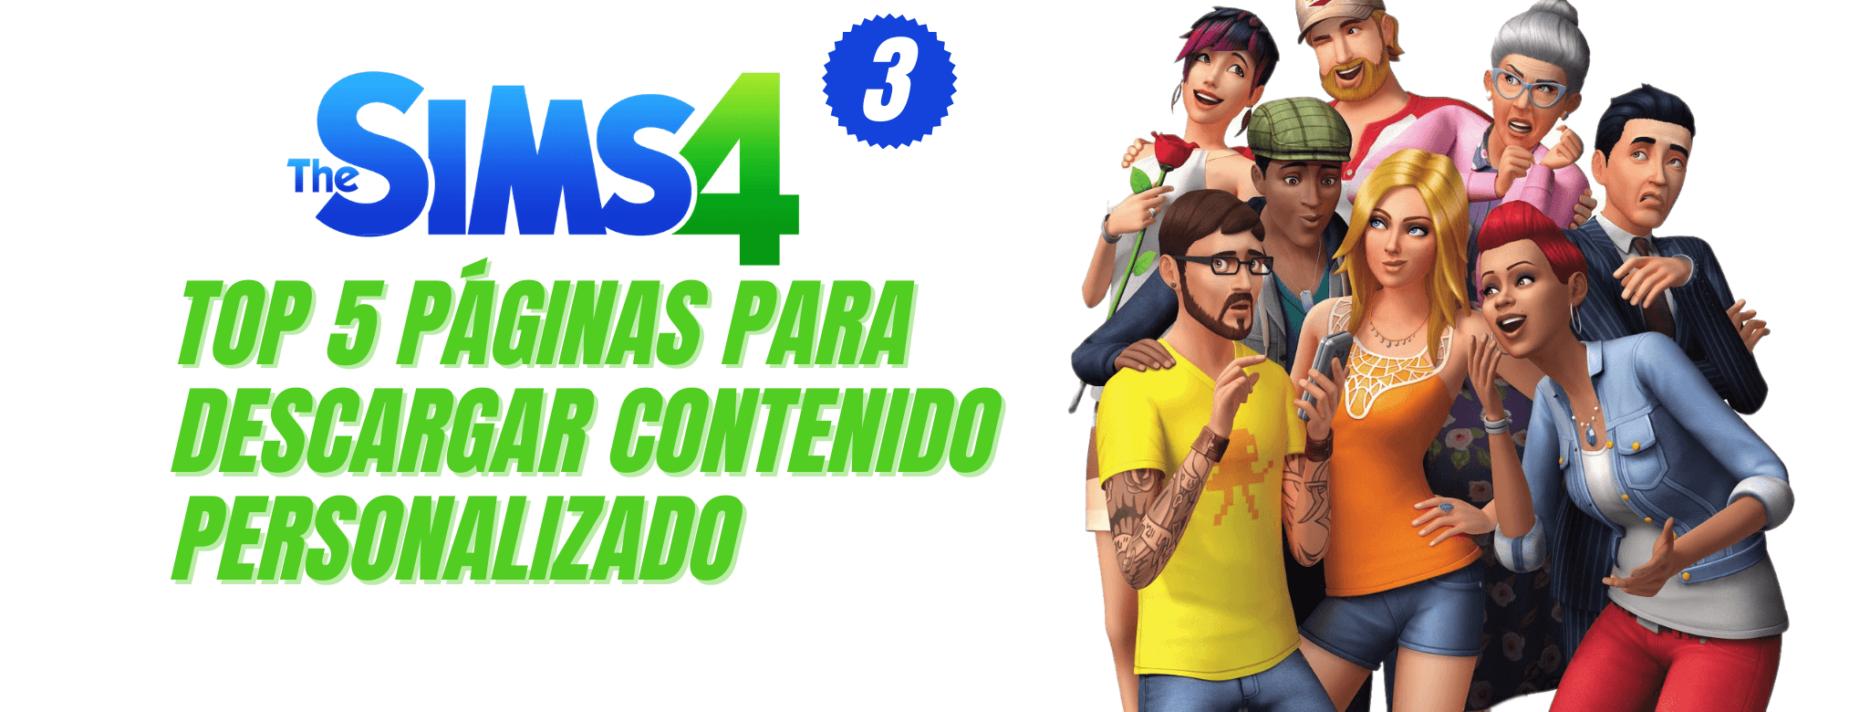 Top 5 paginas para descargar CC Los Sims 4 Parte 3 fotopixel